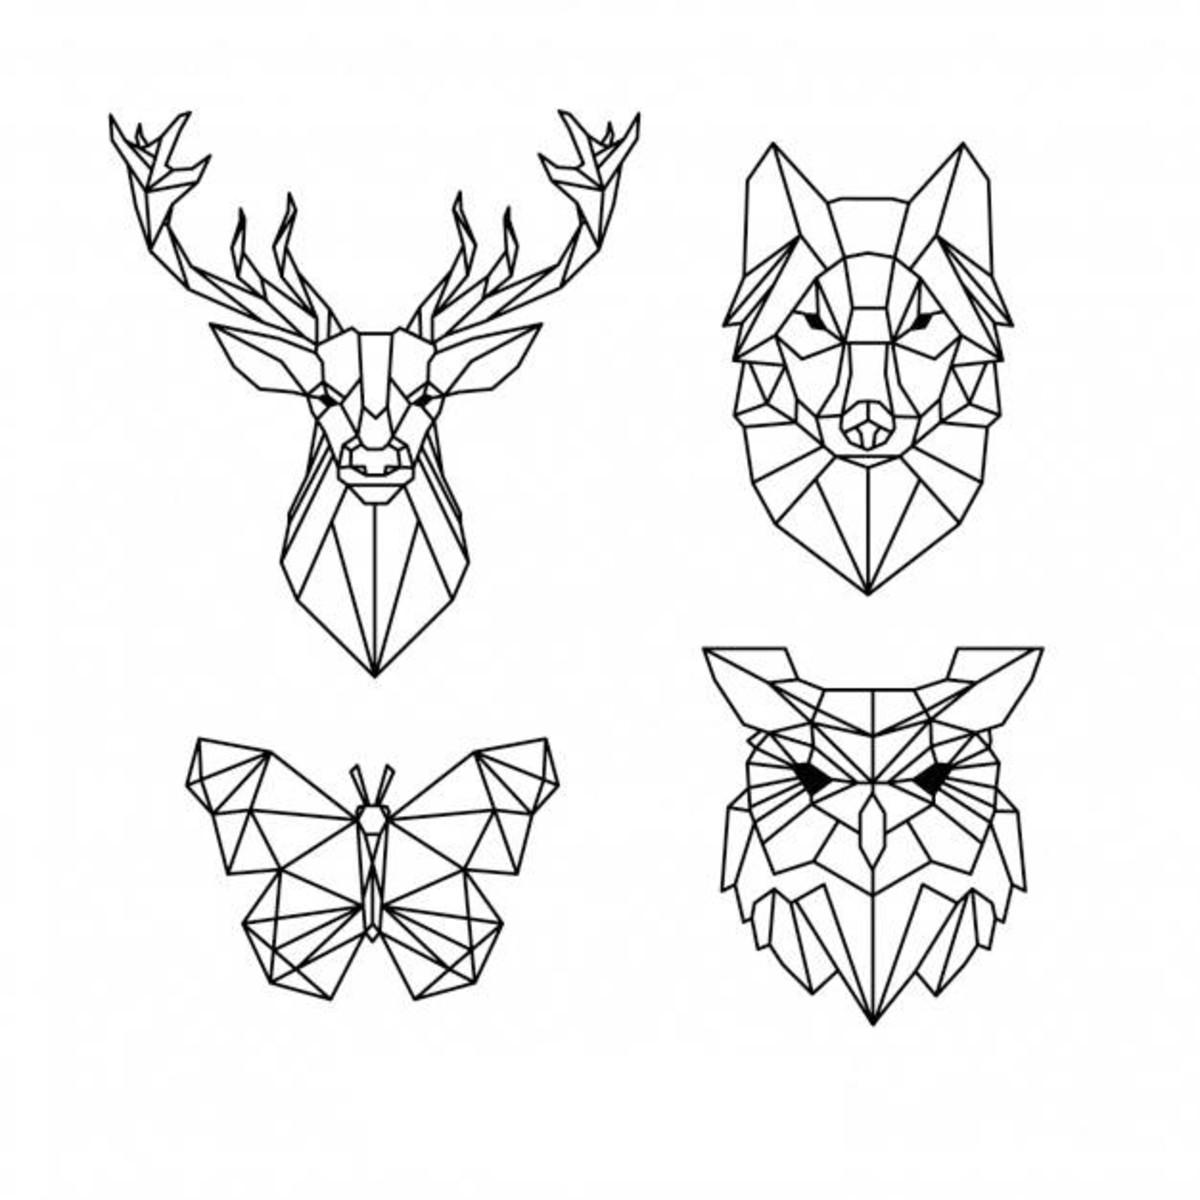 Figuras Geométricas Em 3D No Elo7